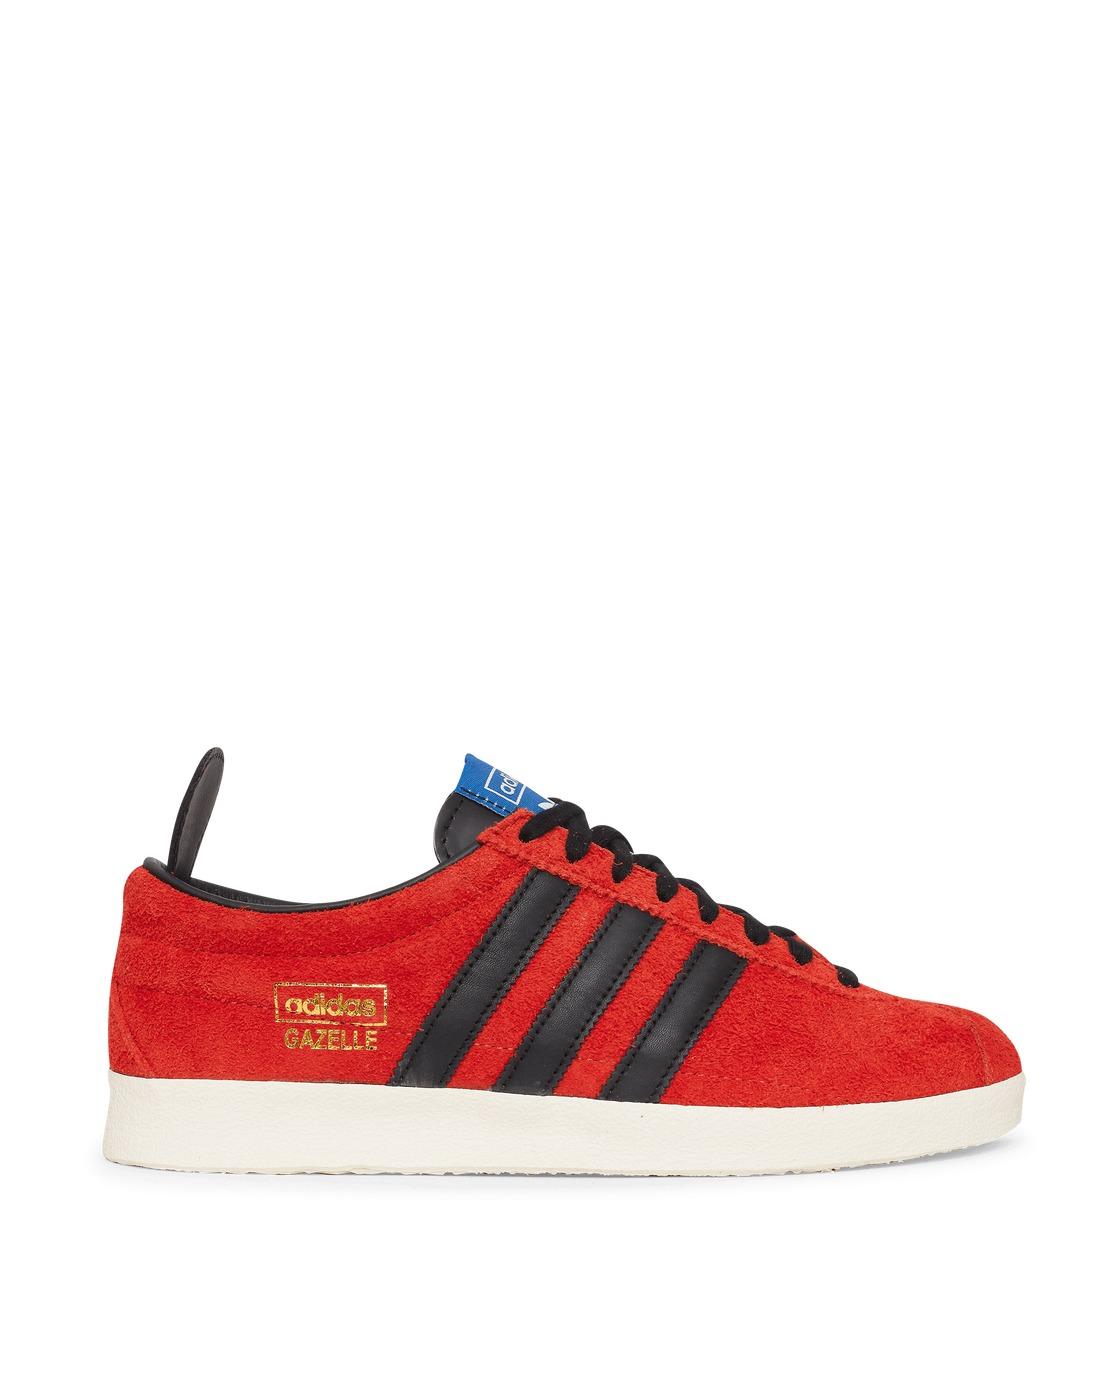 Adidas Originals Gazelle Vintage Sneakers True Orange/Core Black